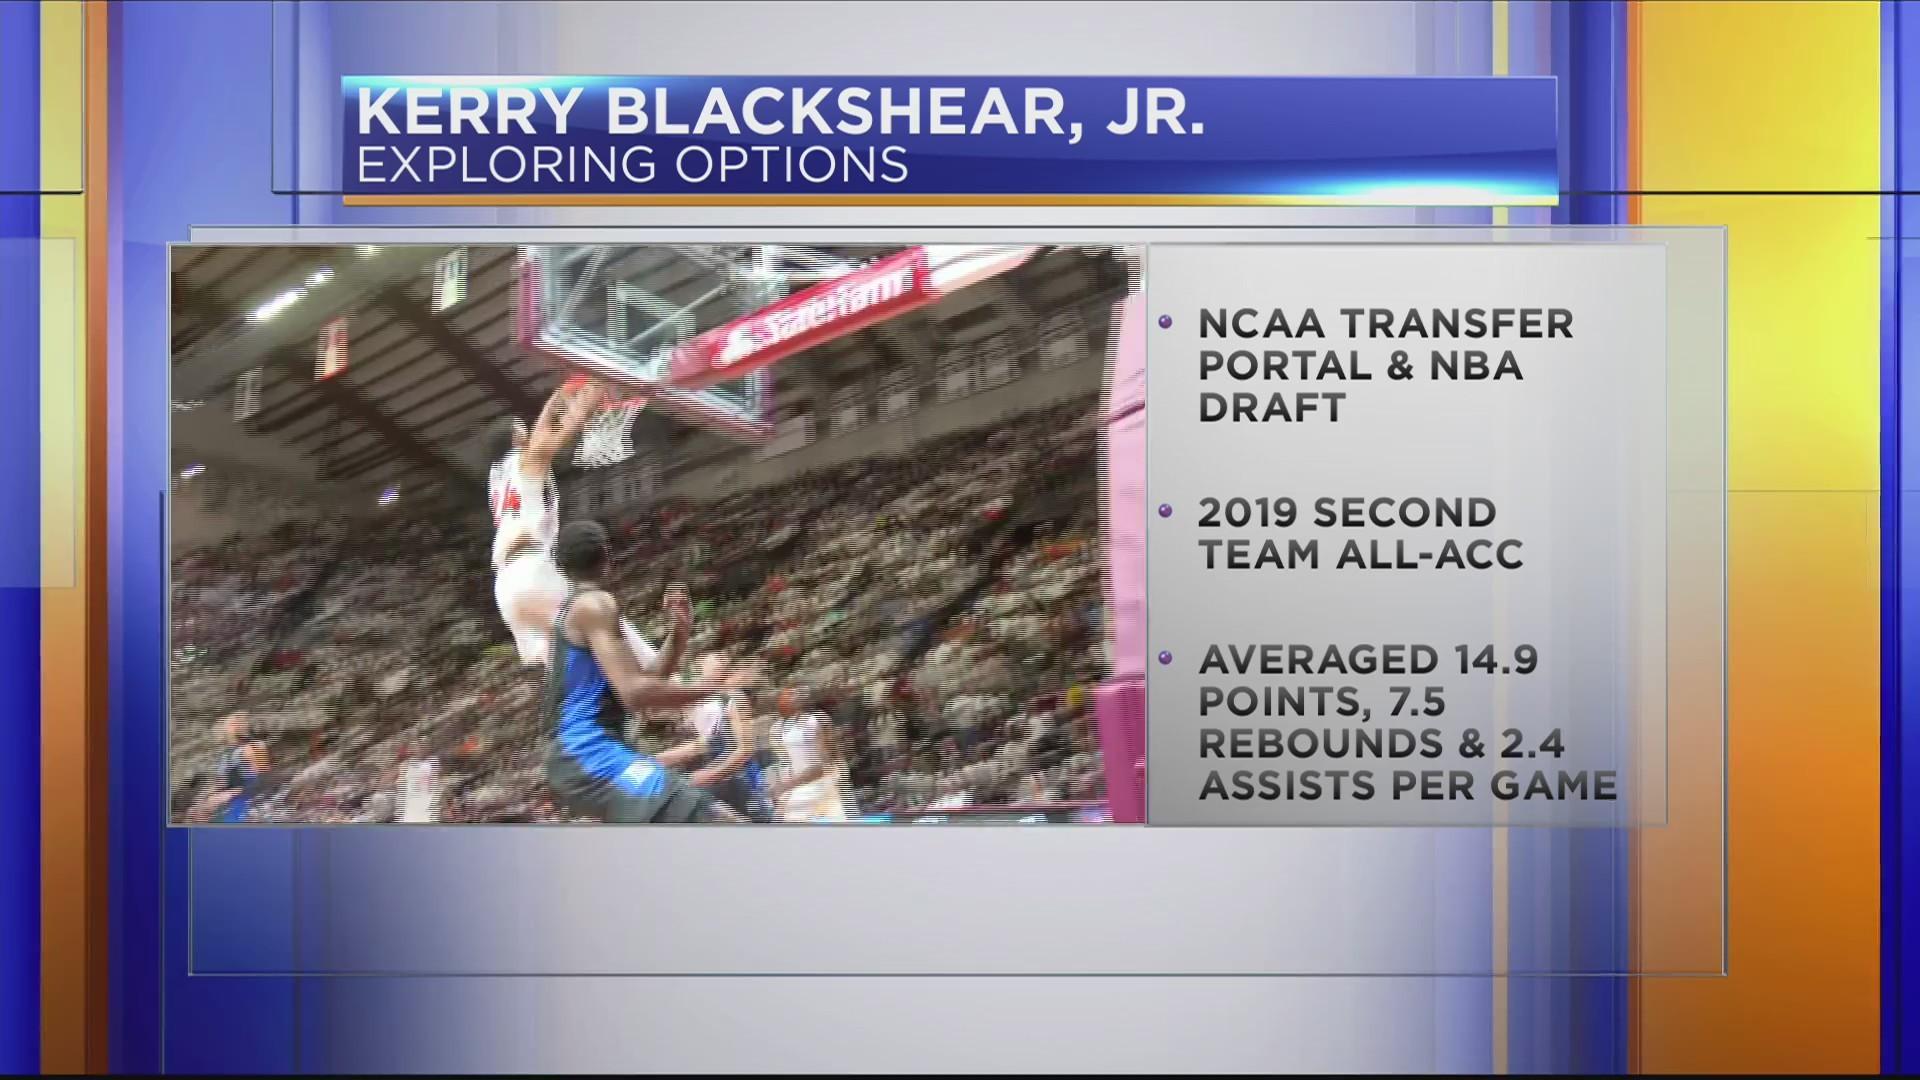 VT's Kerry Blackshear, Jr. exploring options for next season